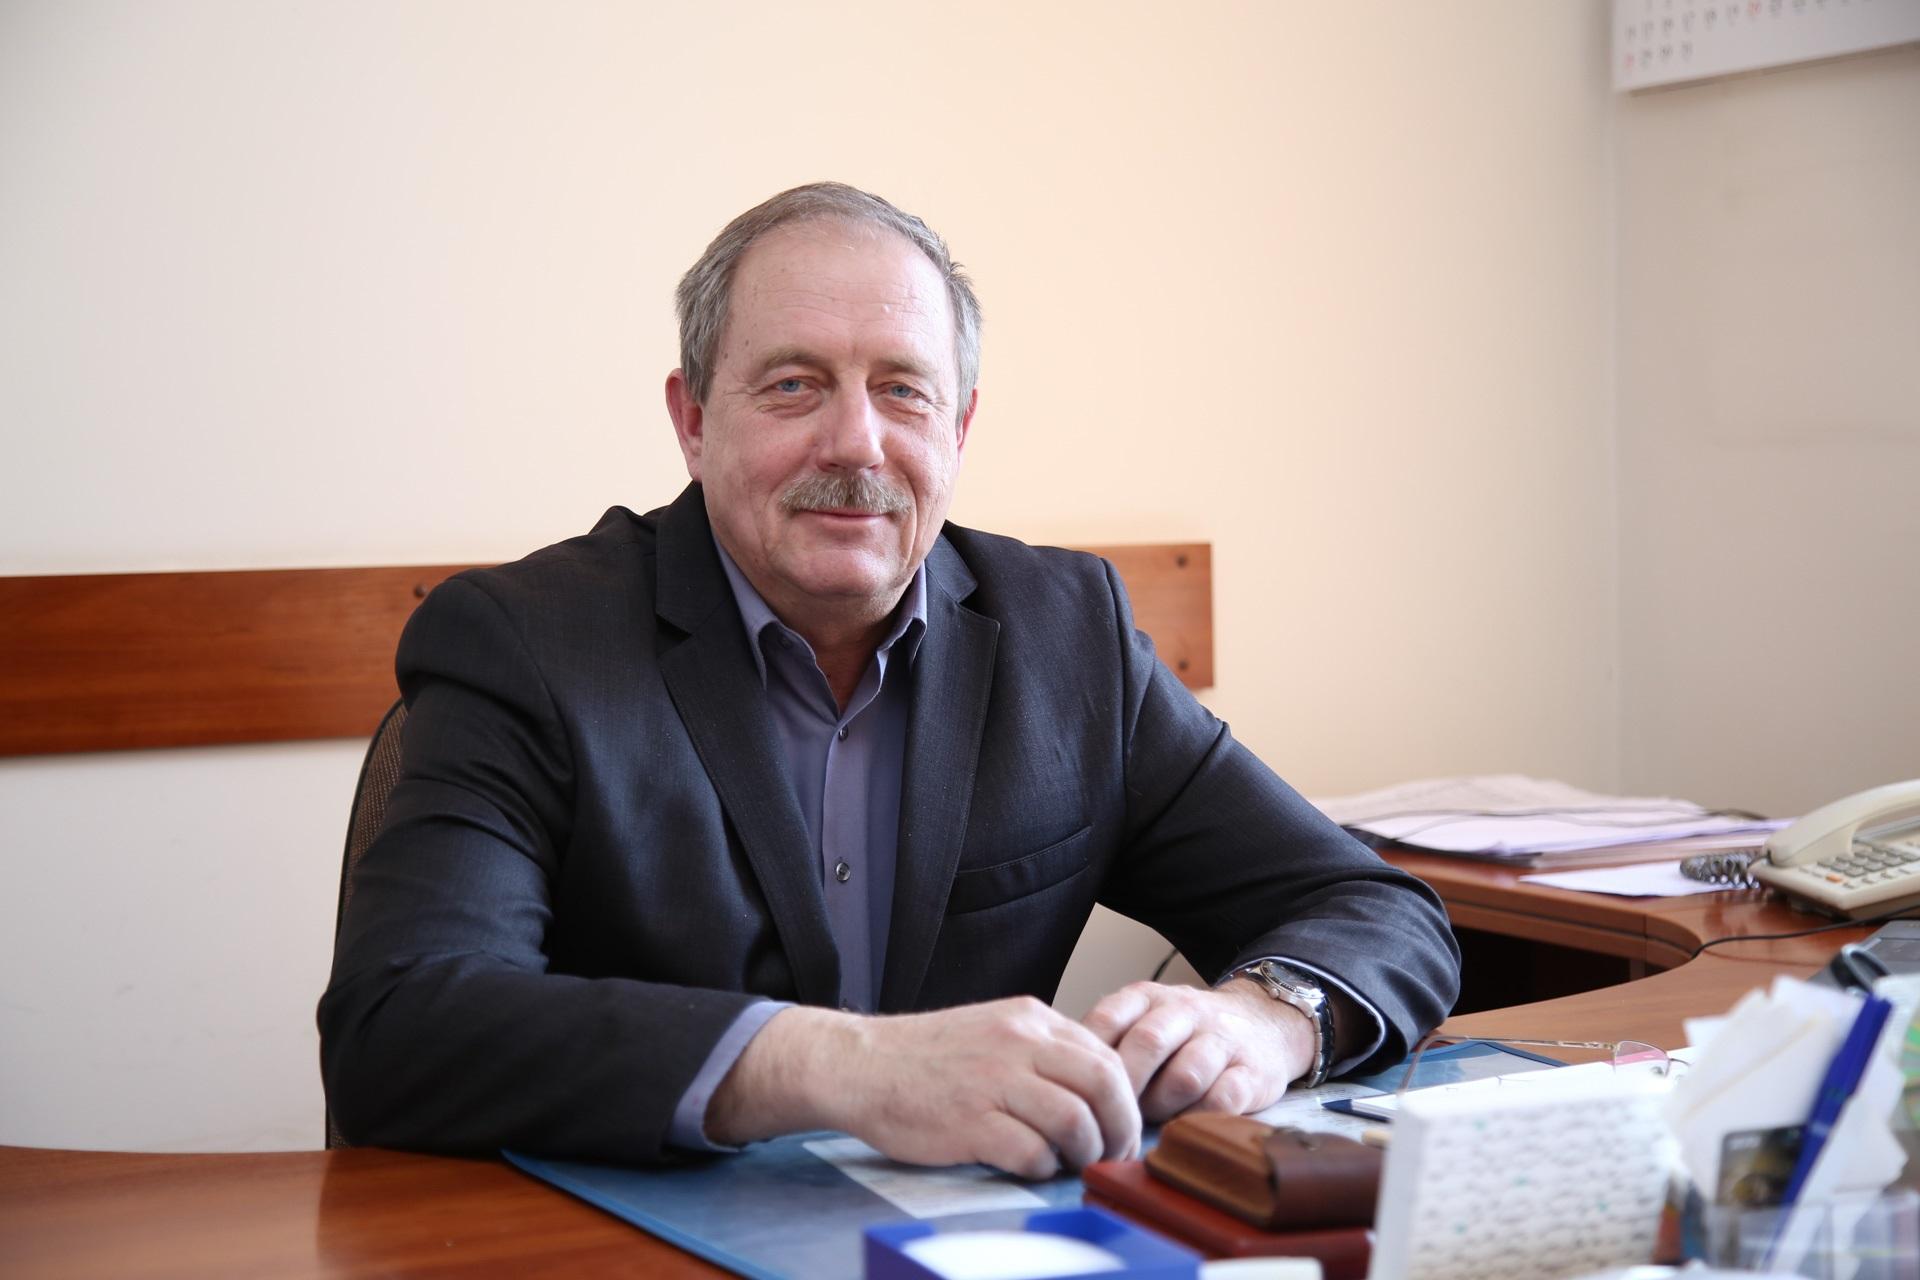 """Bendrovės """"Kėdainių vandenys"""" vadovas Kęstutis Vaitkevičius kol kas nežino, iš kur atkeliauja didžiuliai pliūpsniai nuotekų, sutrikdančių valymo įrenginių darbą. """"Rinkos aikštės"""" archyvo nuotr."""